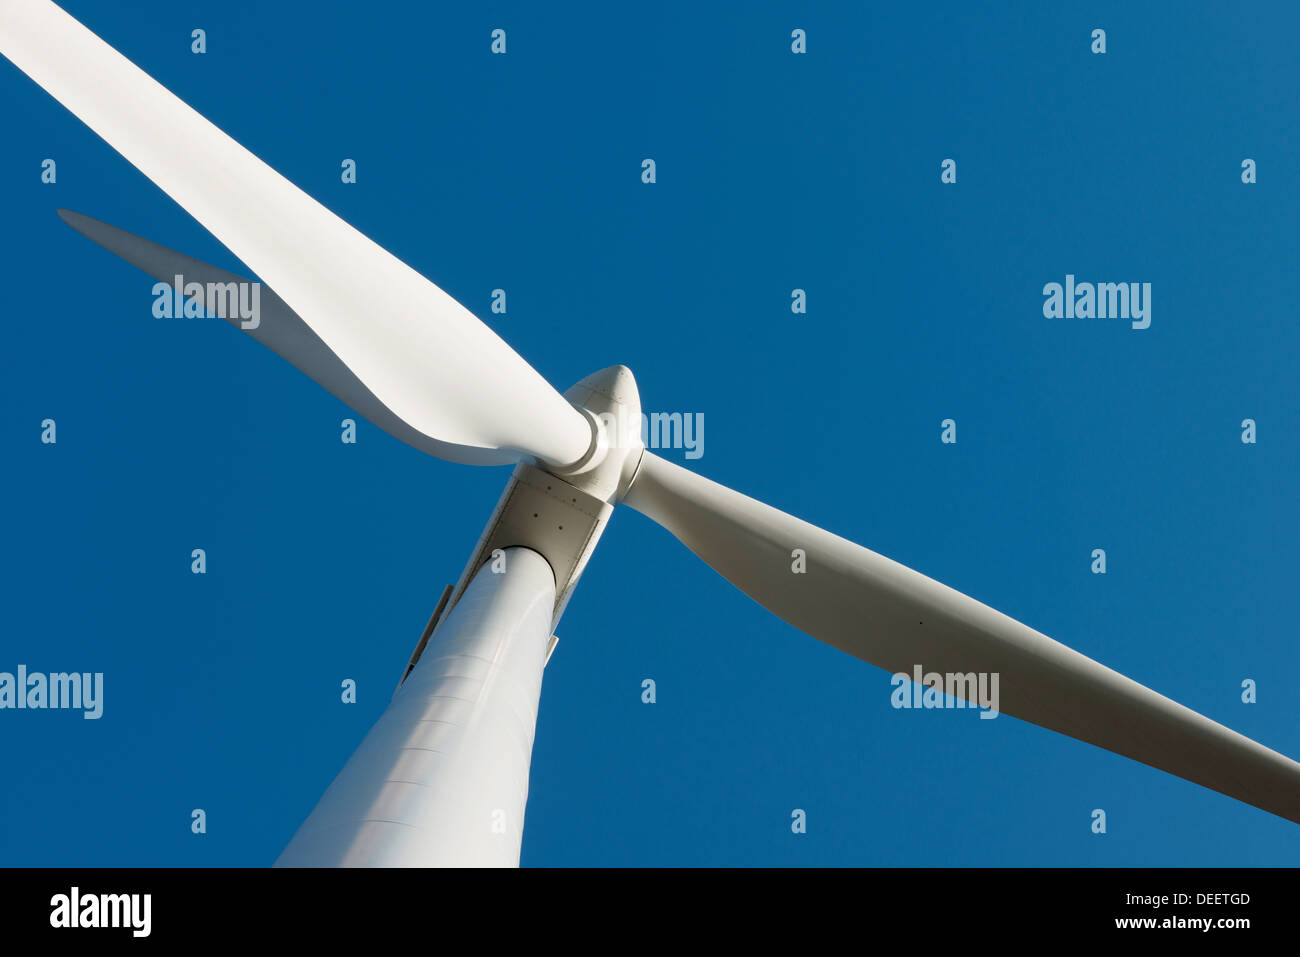 Eine Nahaufnahme von einer Windkraftanlage gegen einen wunderschönen blauen Himmel Stockbild